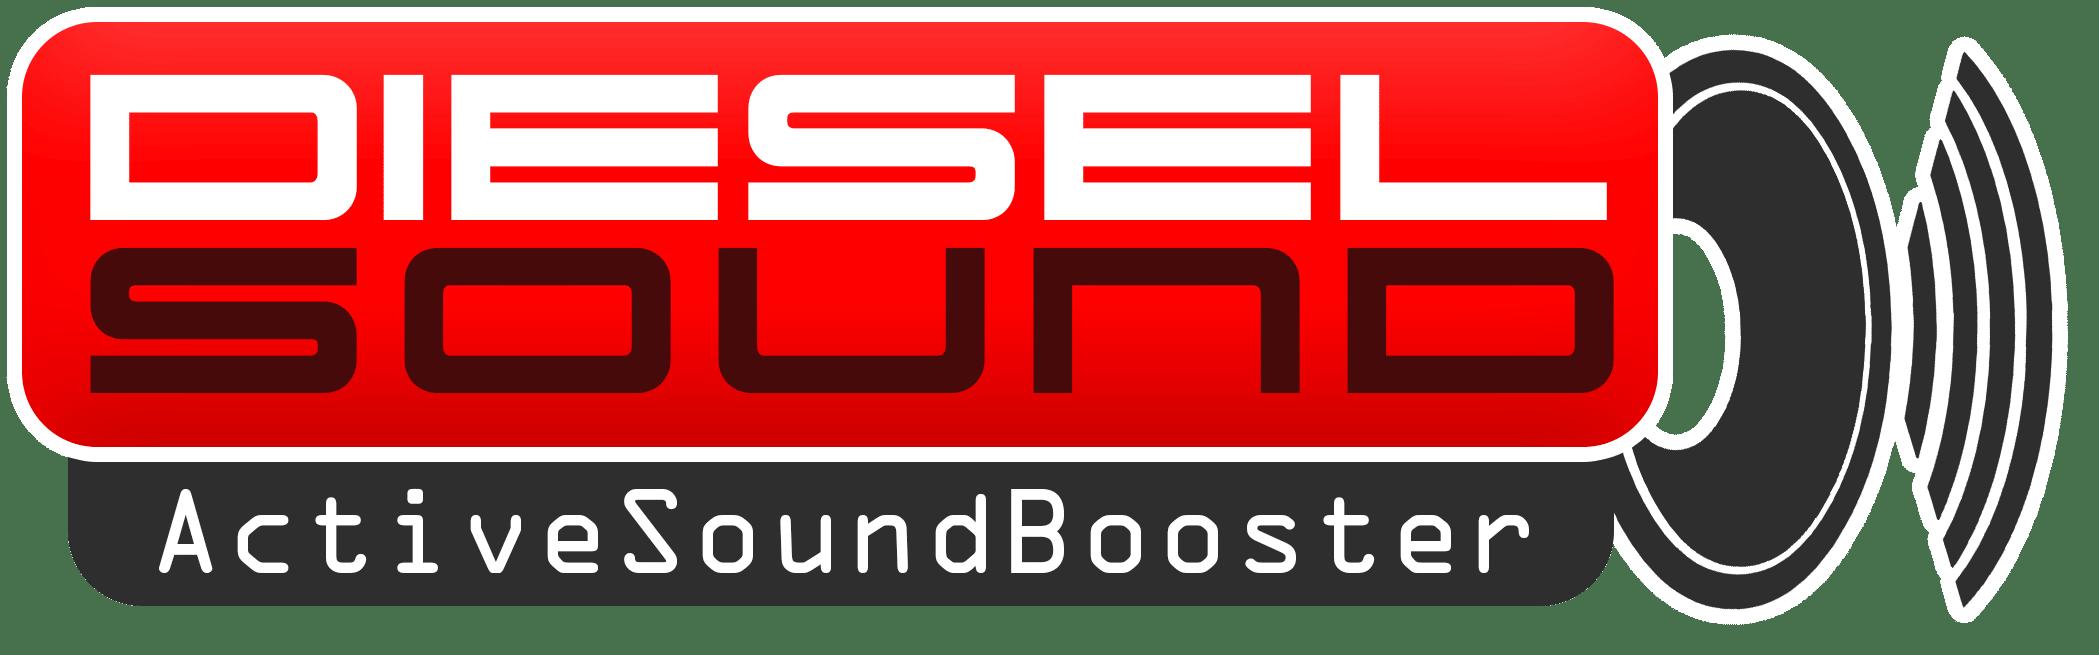 ActiveSoundBooster für DODGE RAM (4. Gen. - alle Modelle) inkl. Einbau & App-Control